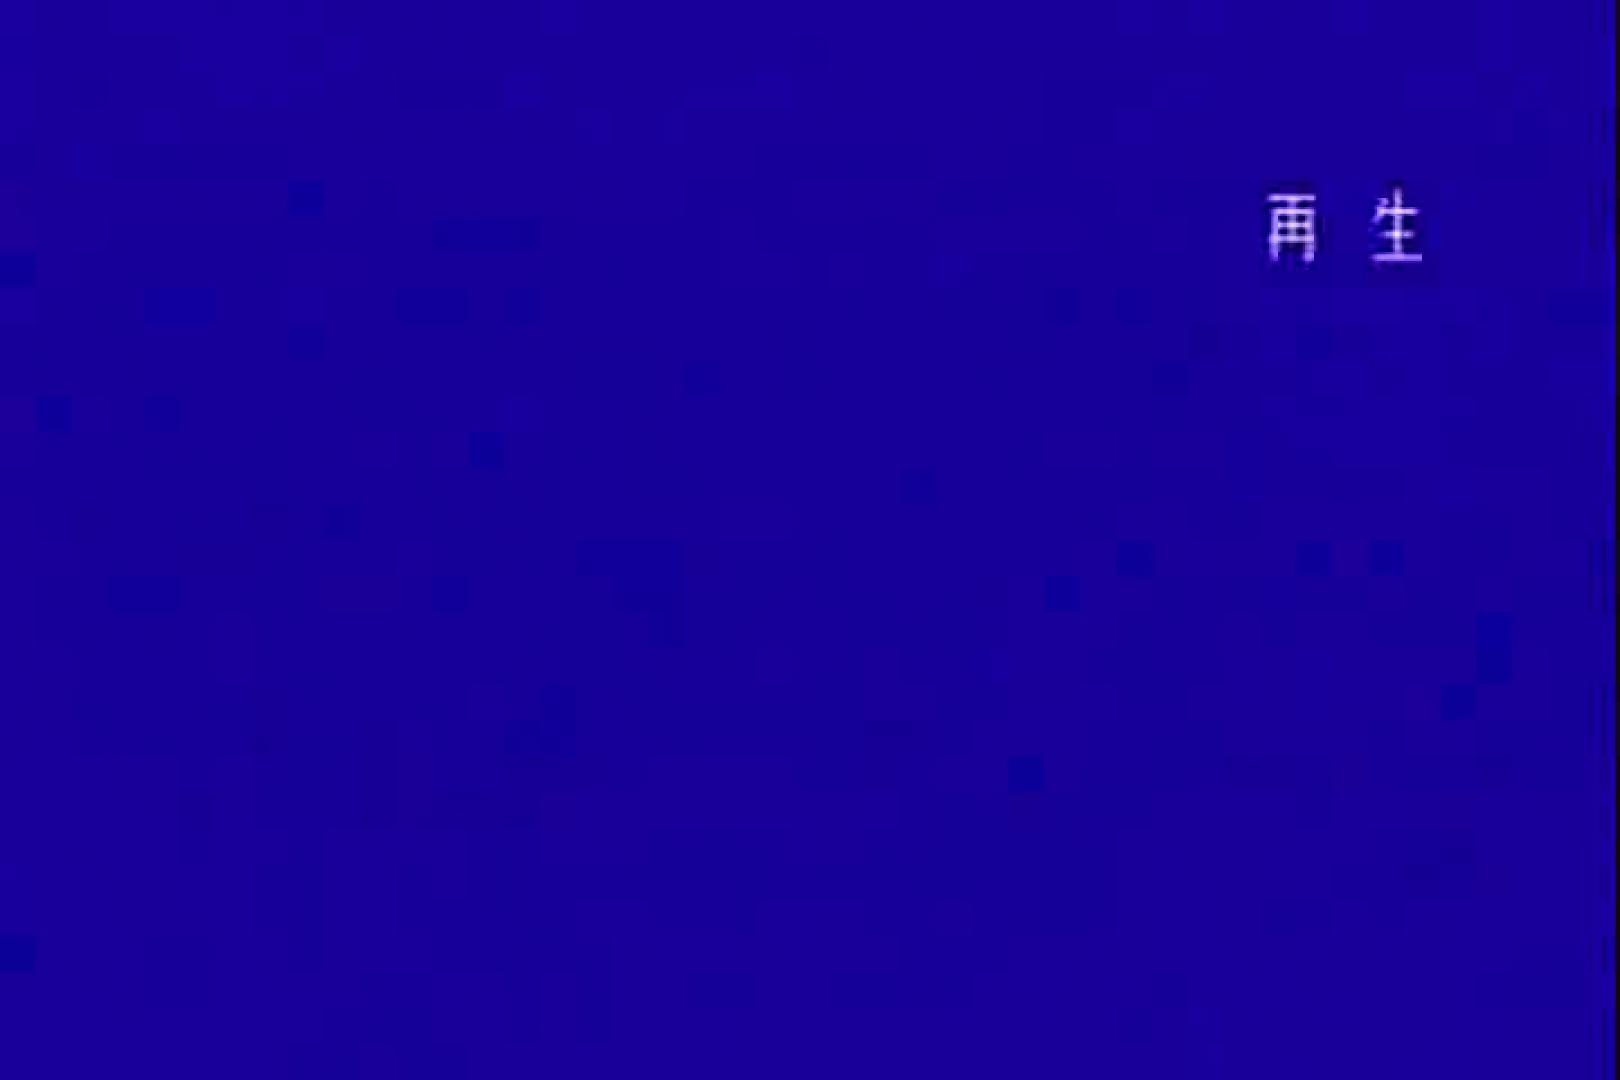 「ちくりん」さんのオリジナル未編集パンチラVol.4_02 エロいOL ワレメ無修正動画無料 98枚